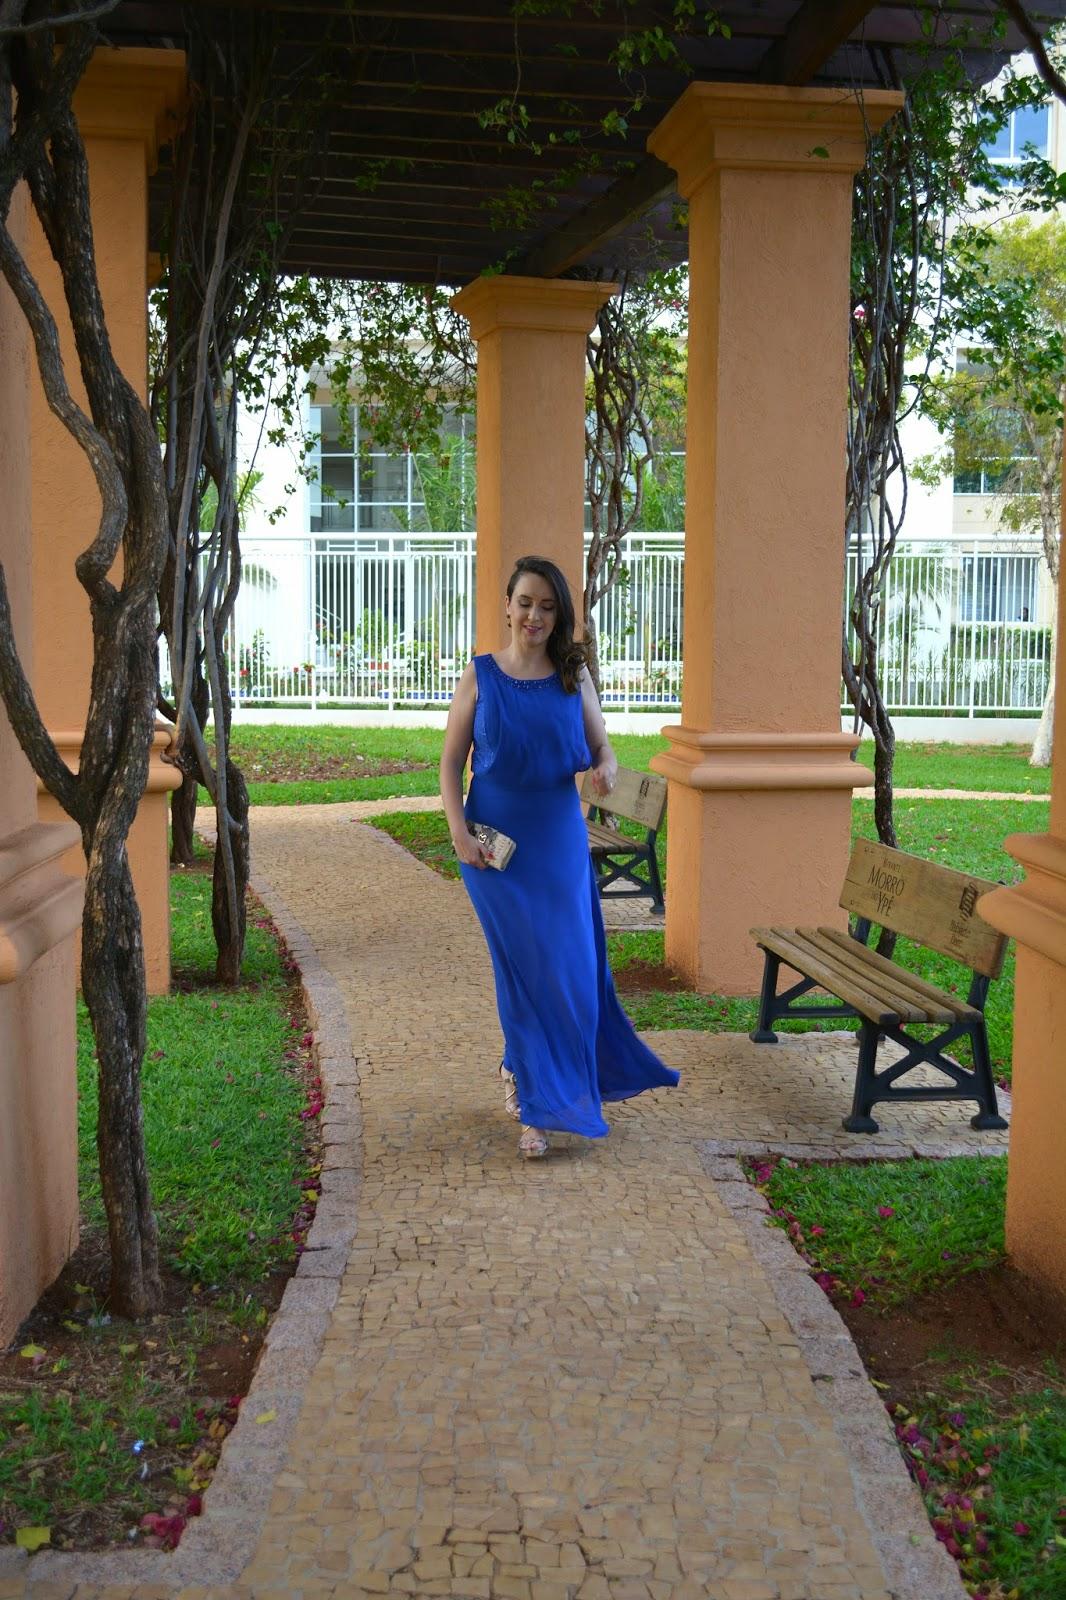 vestido para formatura, vestido longo azul, sandália de tiras, sandália para formatura, look do dia, carteira de mão, blog camila andrade, carmen steffens, blog de moda de ribeirão preto